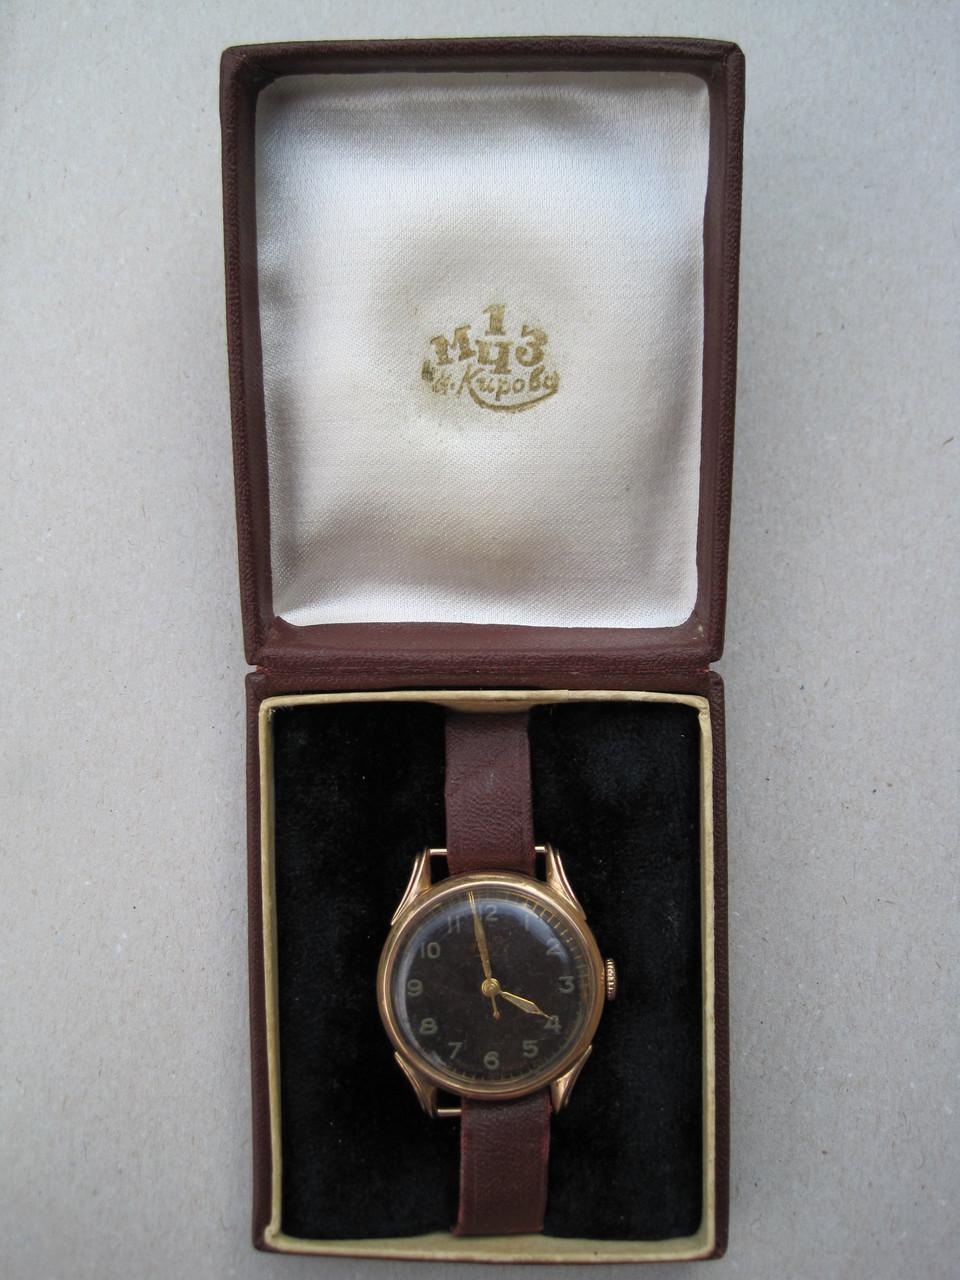 В часы где золотые москве продать часы продать б/у